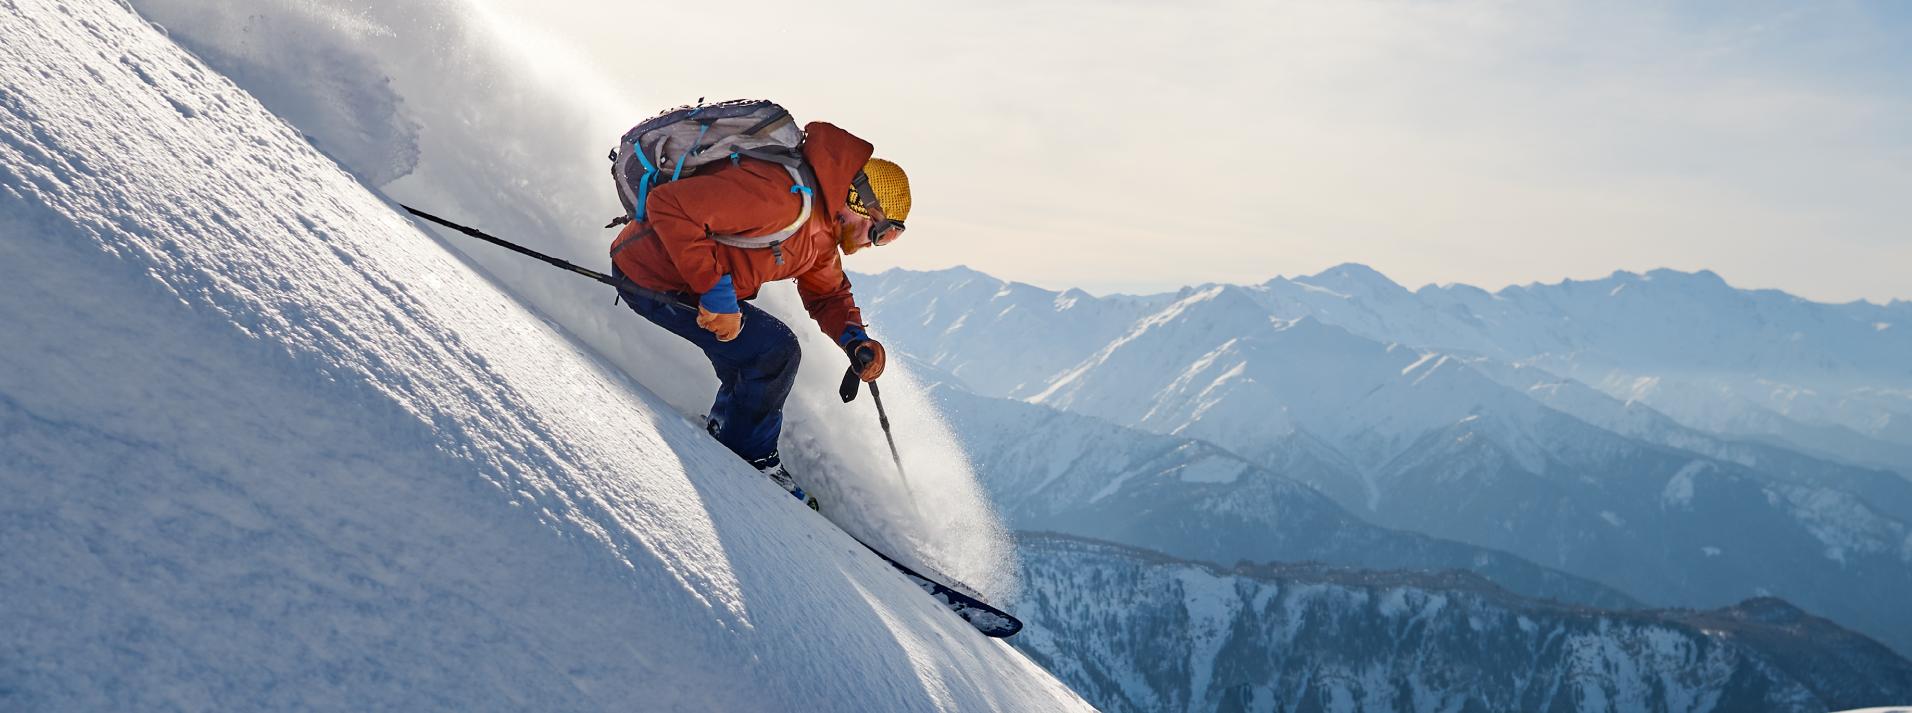 5 destinații unde poți schia până la începutul primăverii